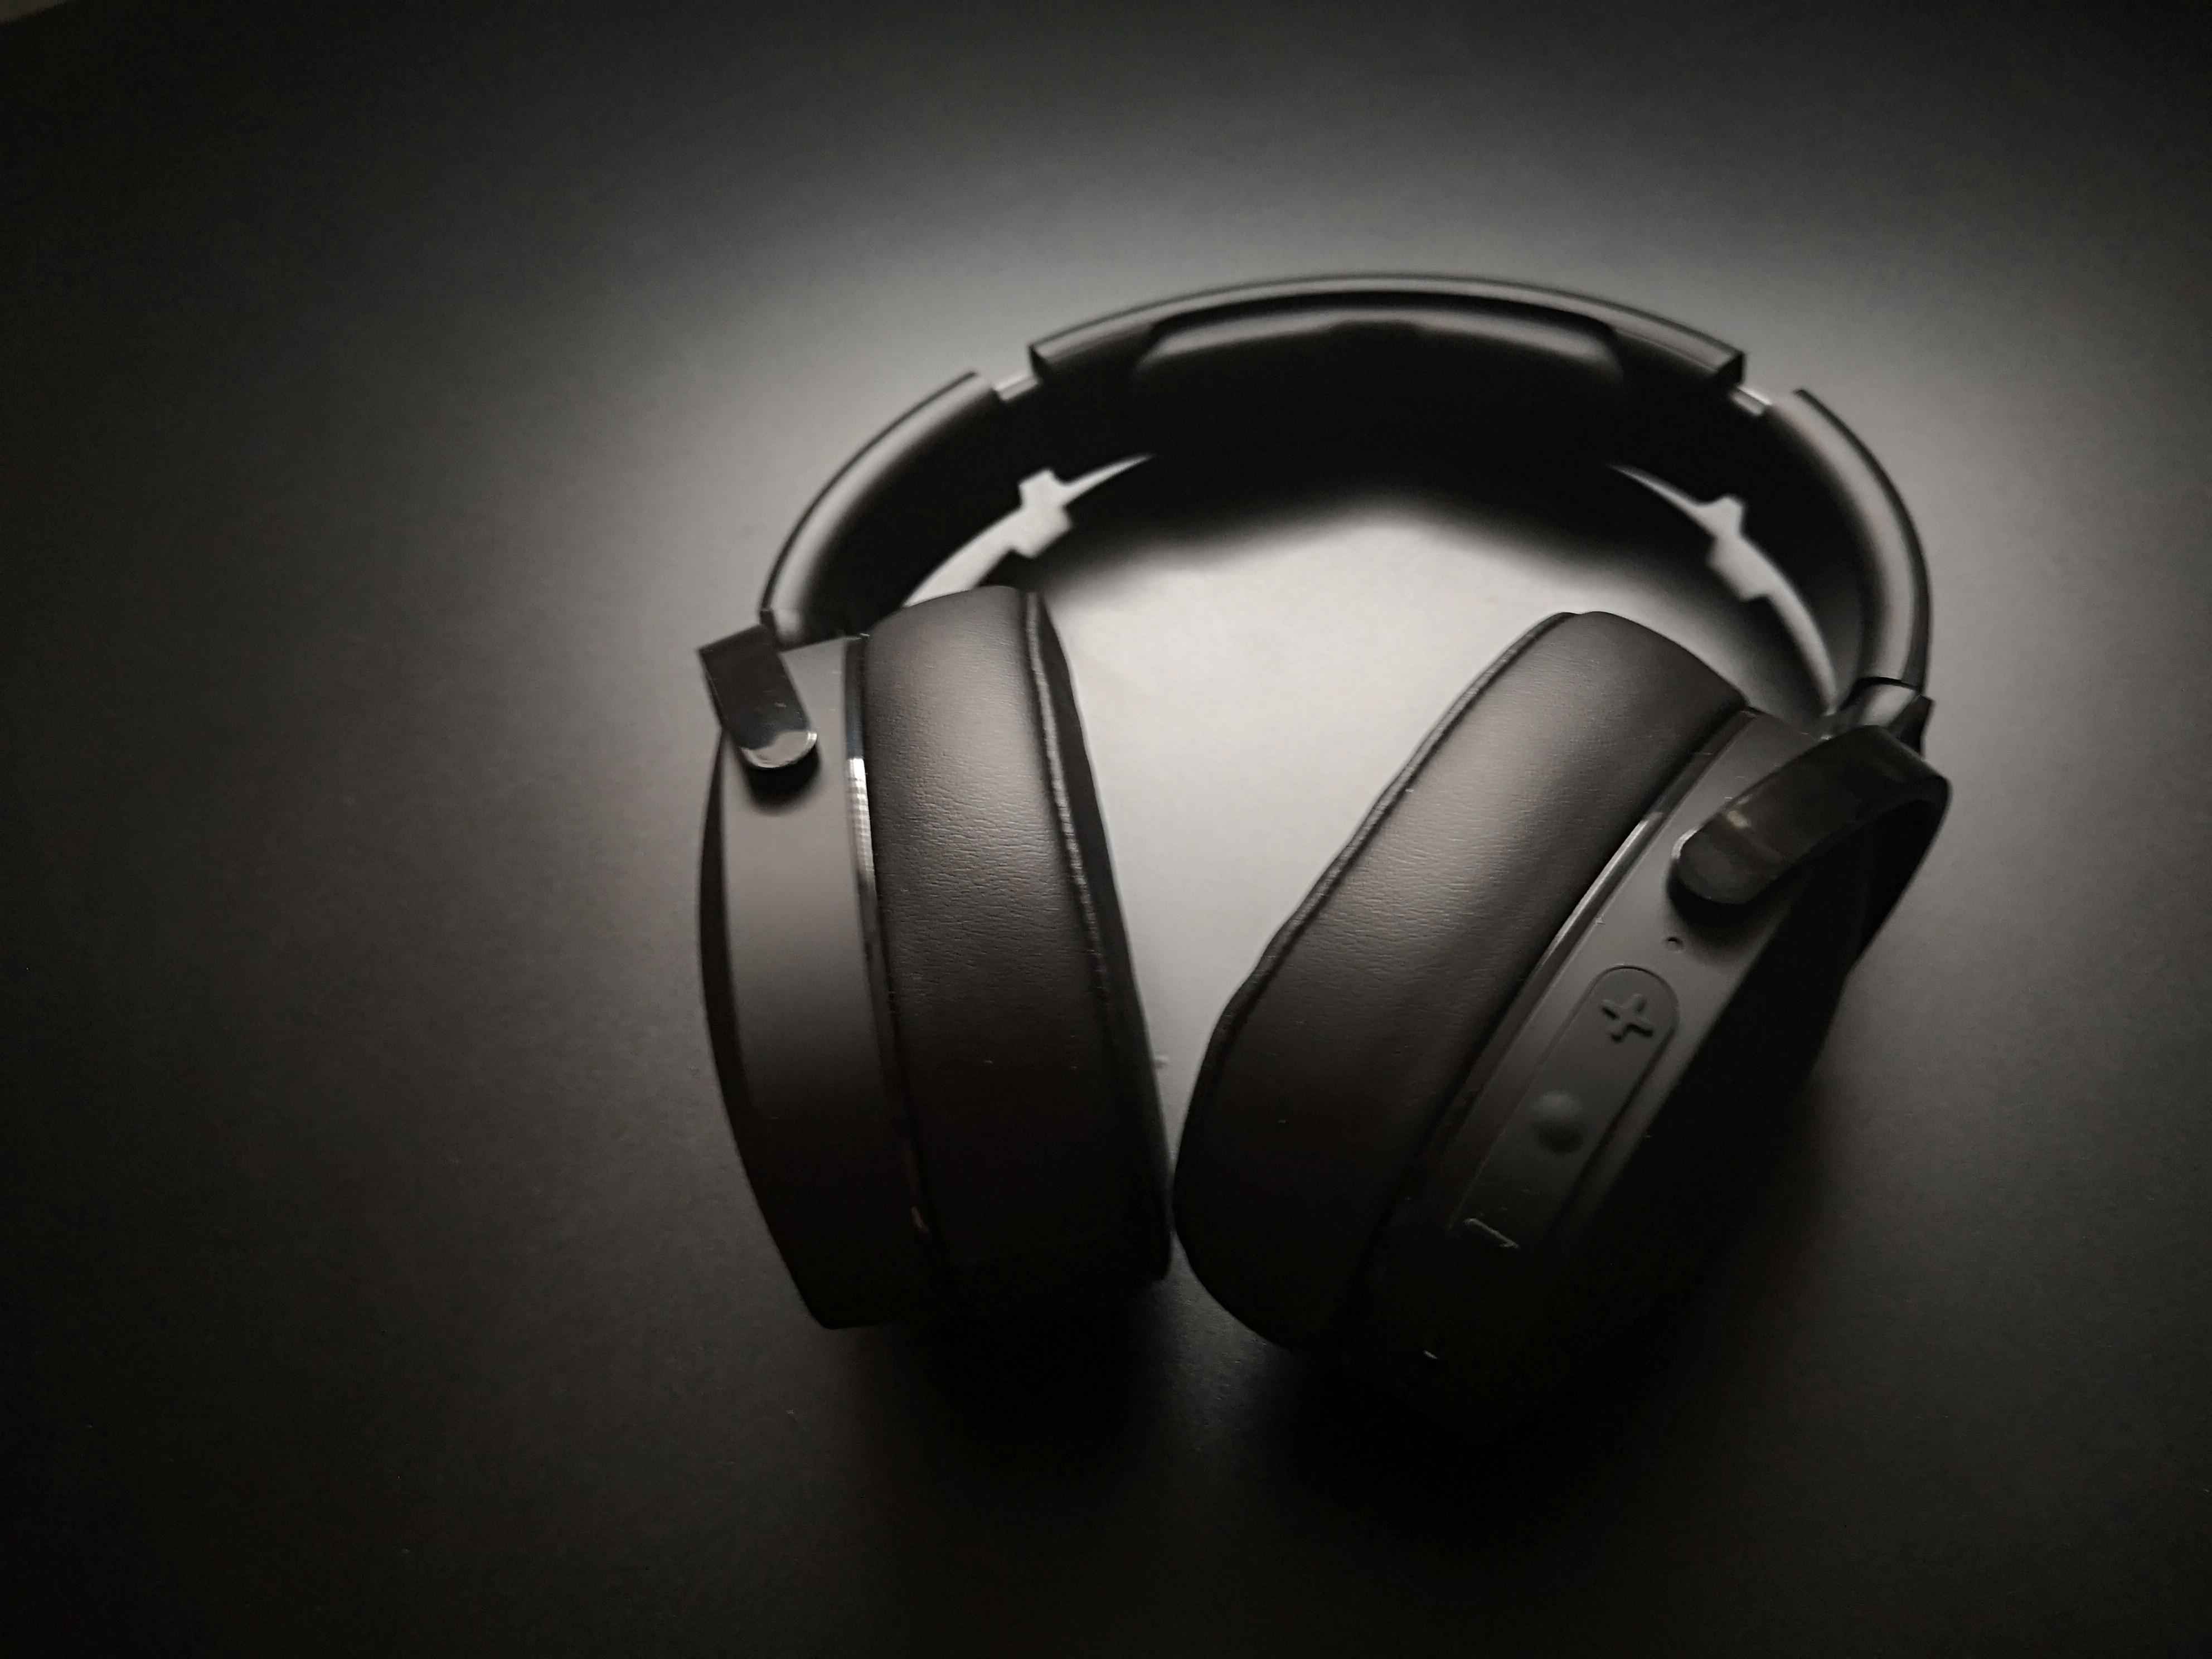 Die Skullcandy Hesh 3 Wireless Kopfhörer im Test – Bassmonster in schlichtem Design